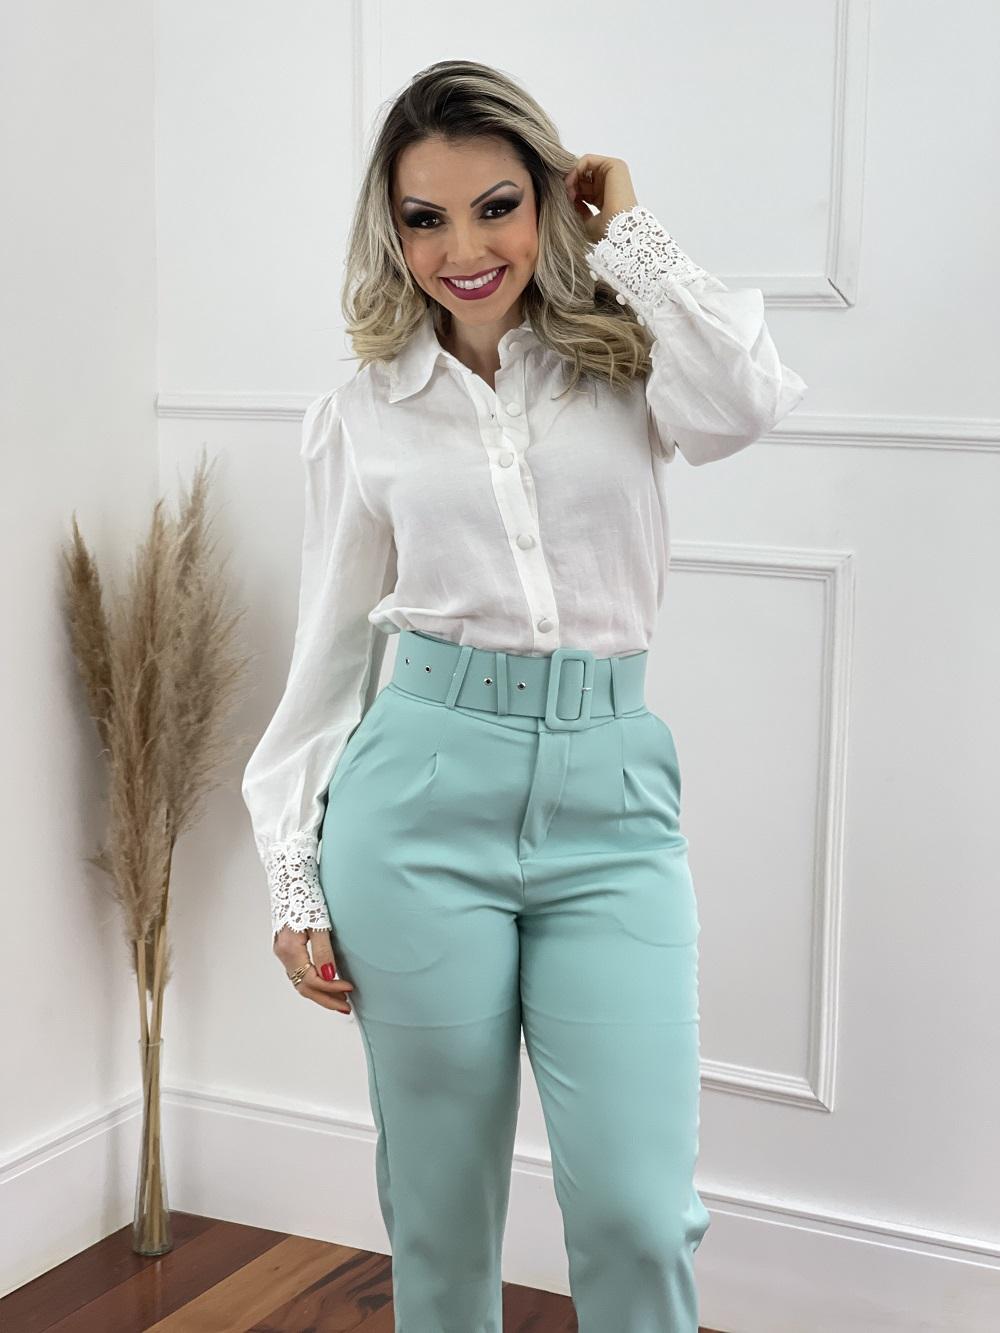 Look Pronto: Camisa Manga Longa Bufante Renda Punho Branca + Calça Cenoura Cinto Encapado Verde